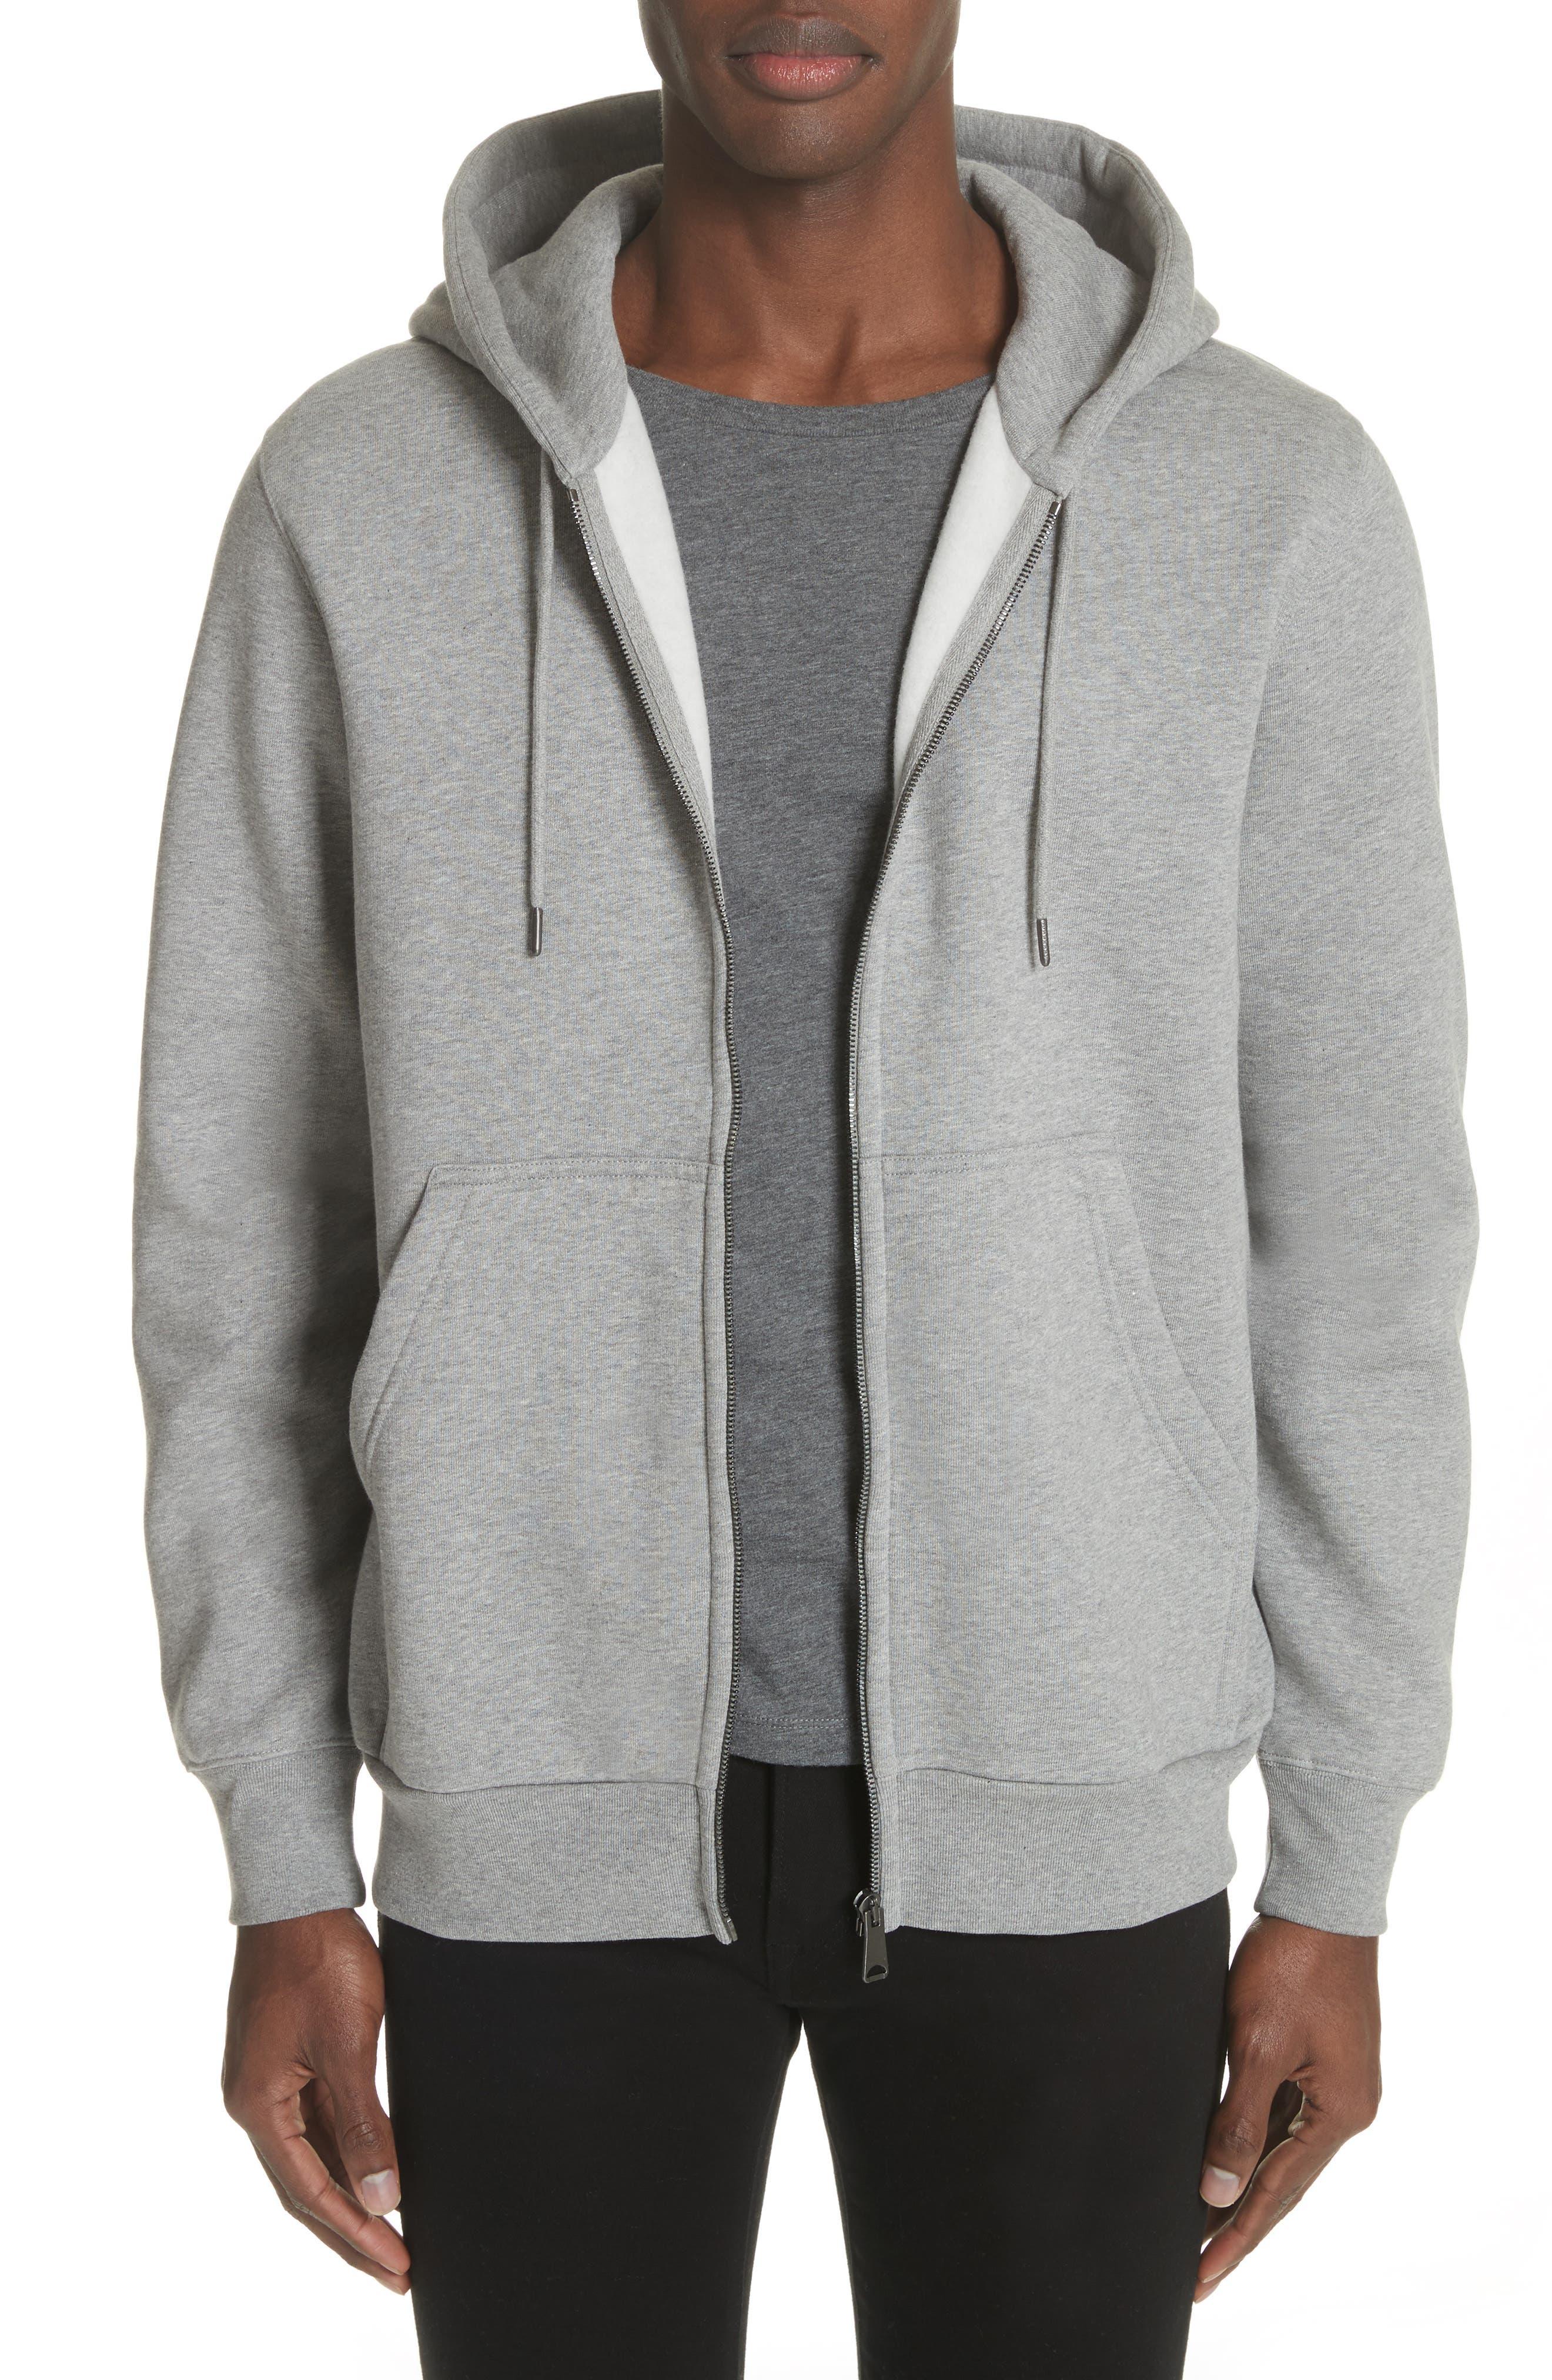 Kenton Regular Fit Full Zip Fleece Hoodie,                             Main thumbnail 1, color,                             050